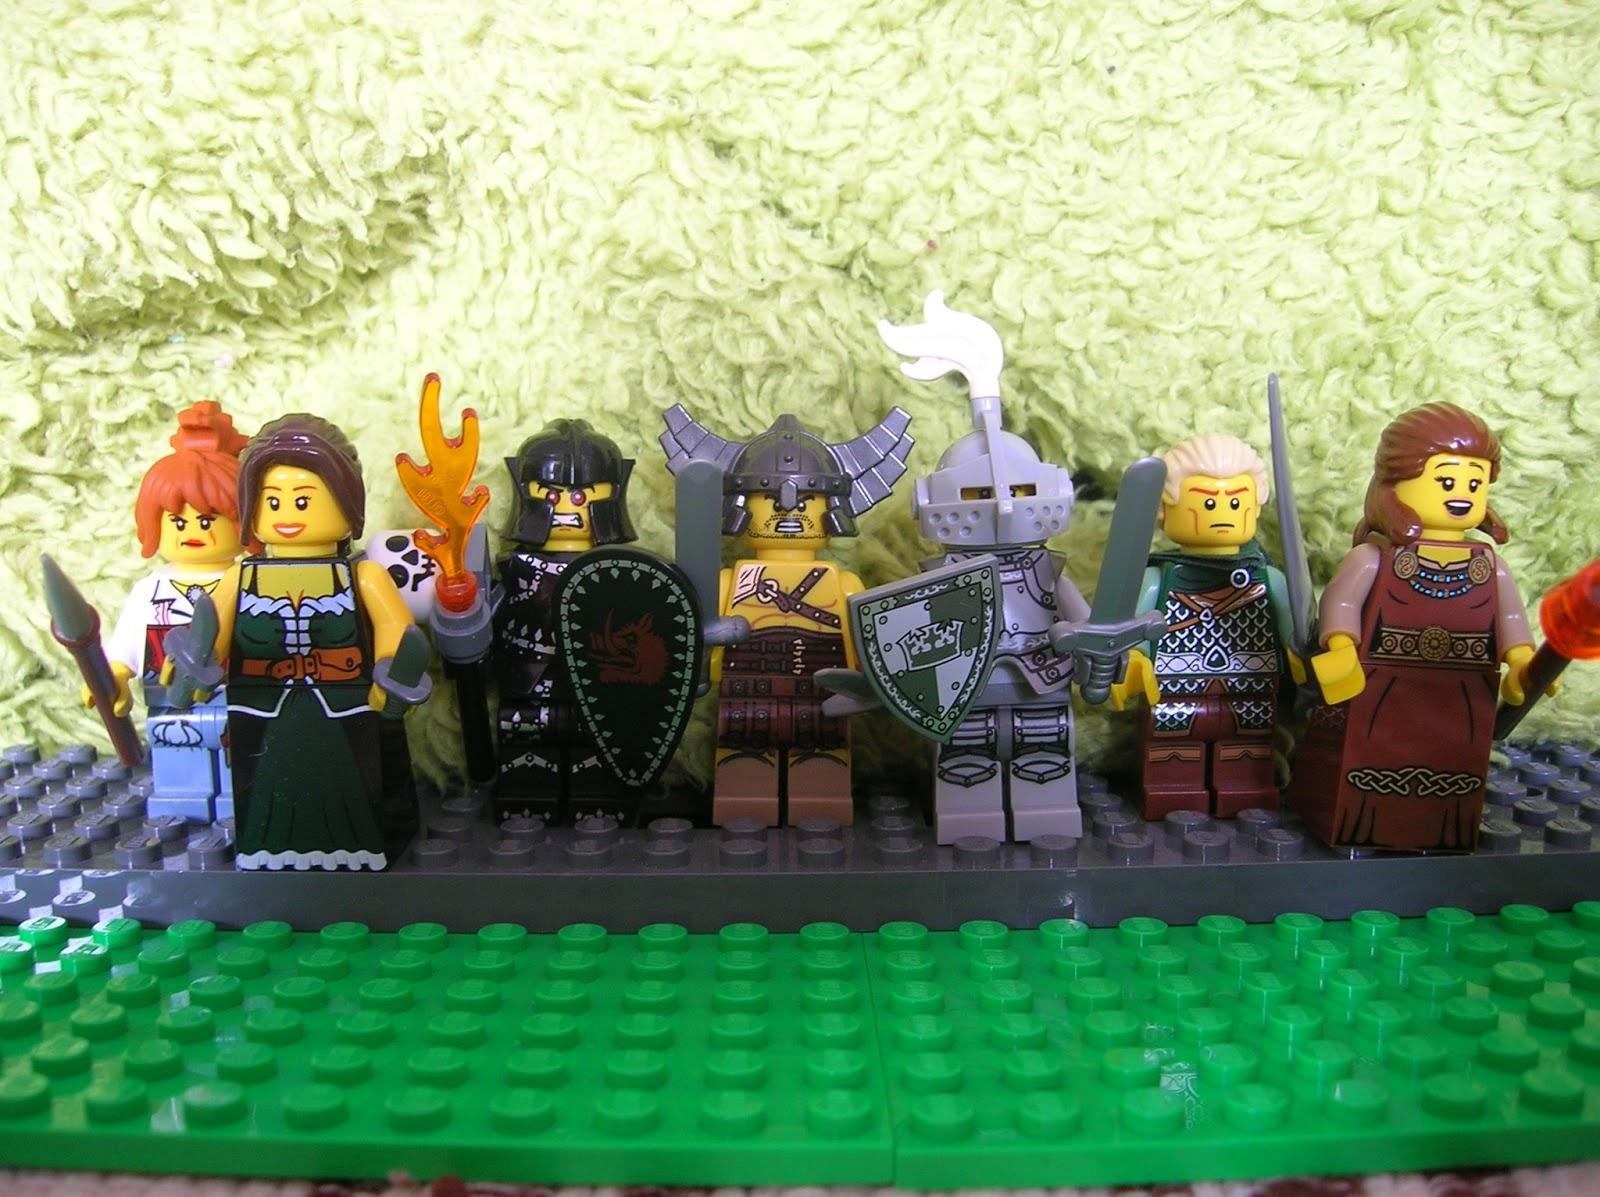 Moje Klocki Lego Odc1 Wybierz Klasę Postaci